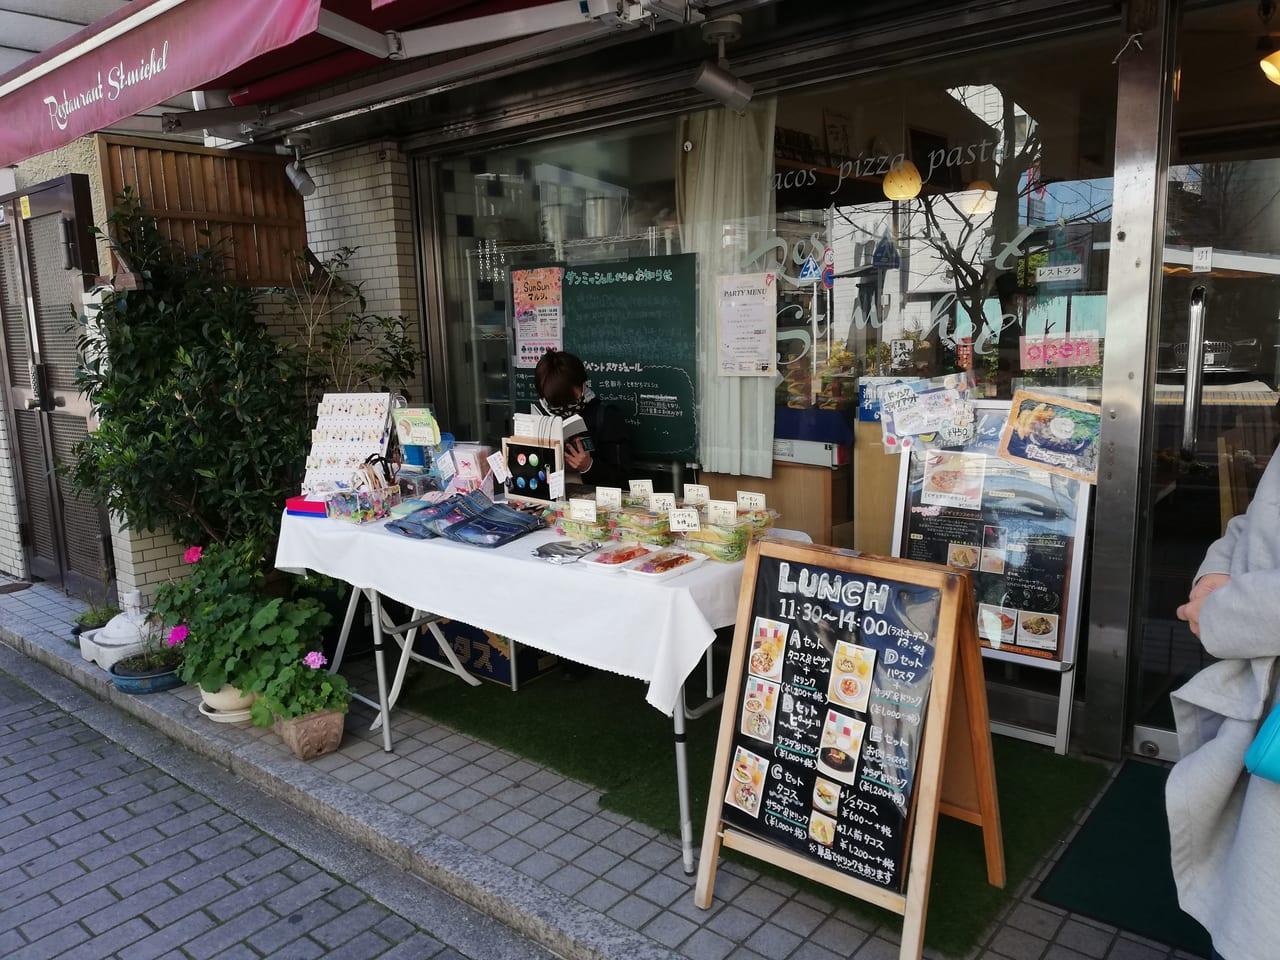 「湘南タコス」でおなじみの「サンミッシェル」が12月をもってレストランを休業。今後はテイクアウト・デリバリーに特化。第2号店もオープン予定。